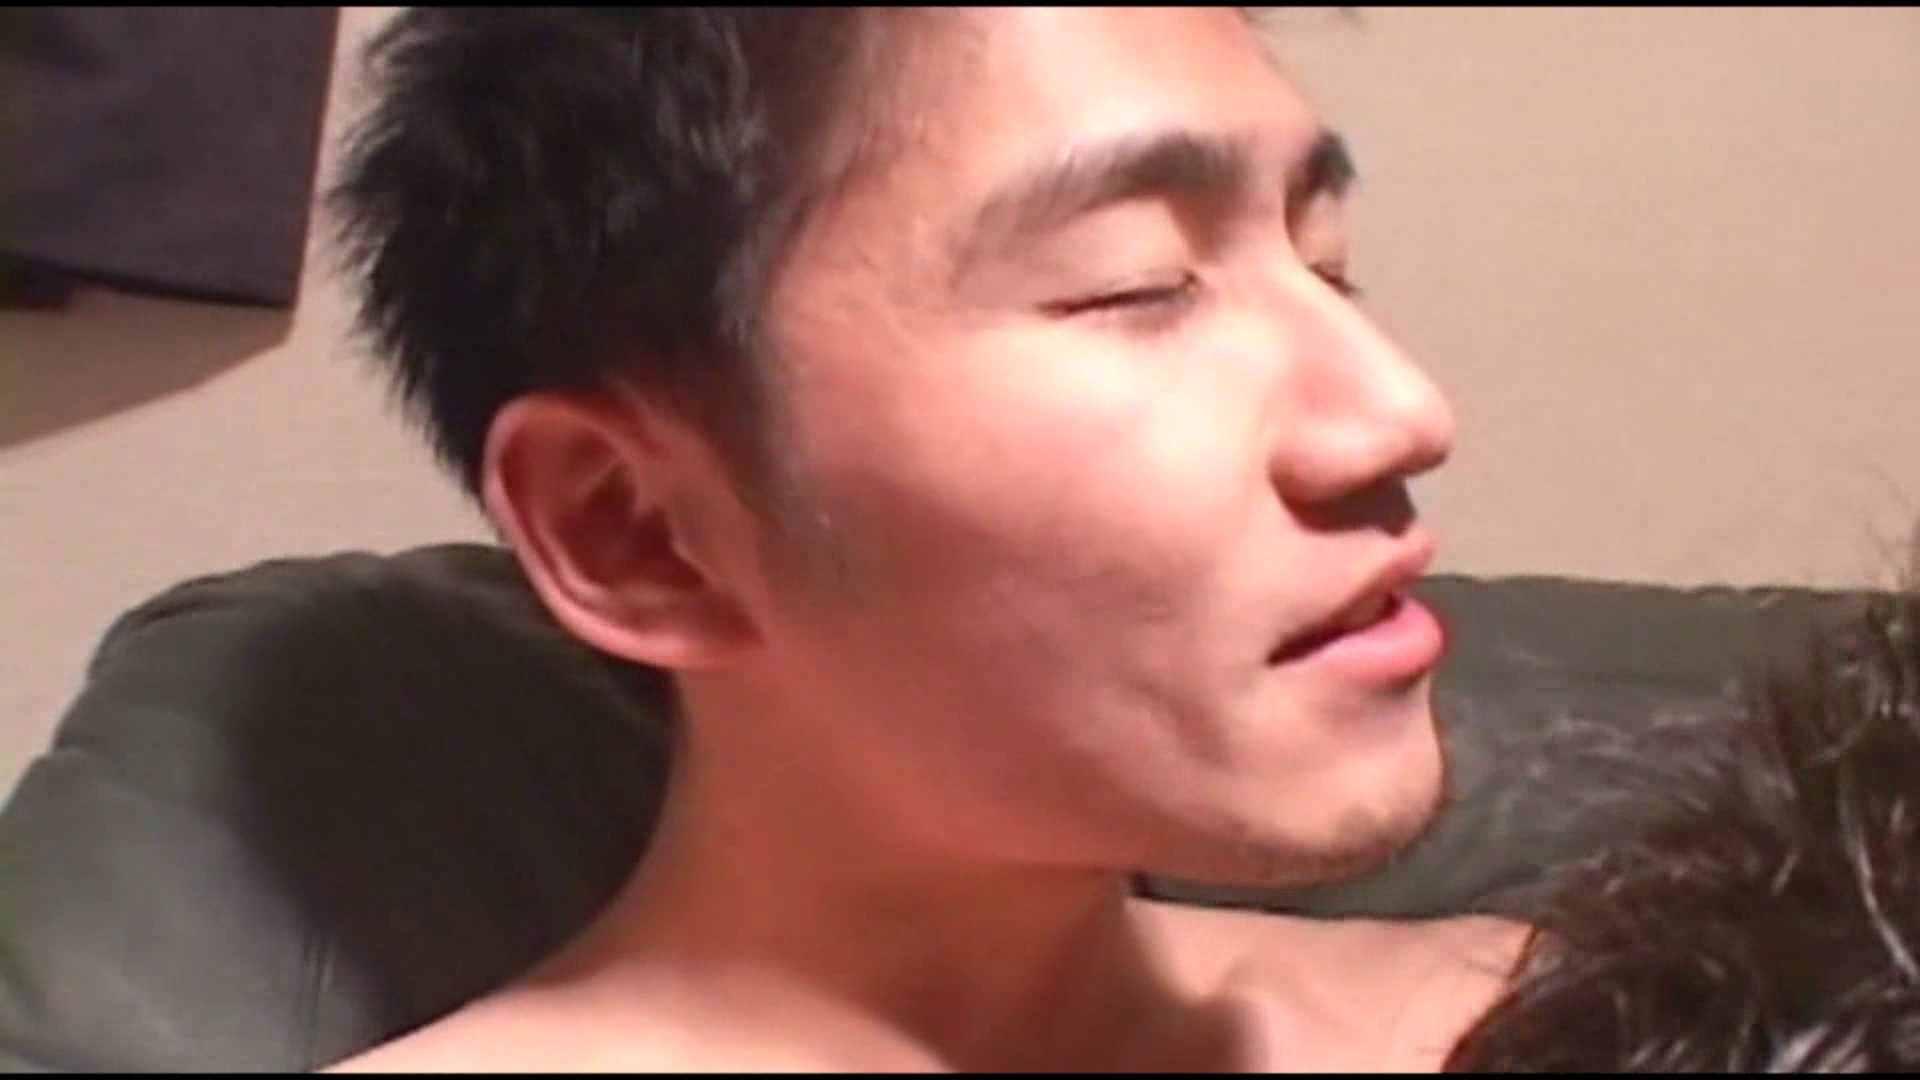 ショウ&ナオキのエロMAXファンタジーVOL.02(ショウ編) イケメンのsex   自慰  110pic 96